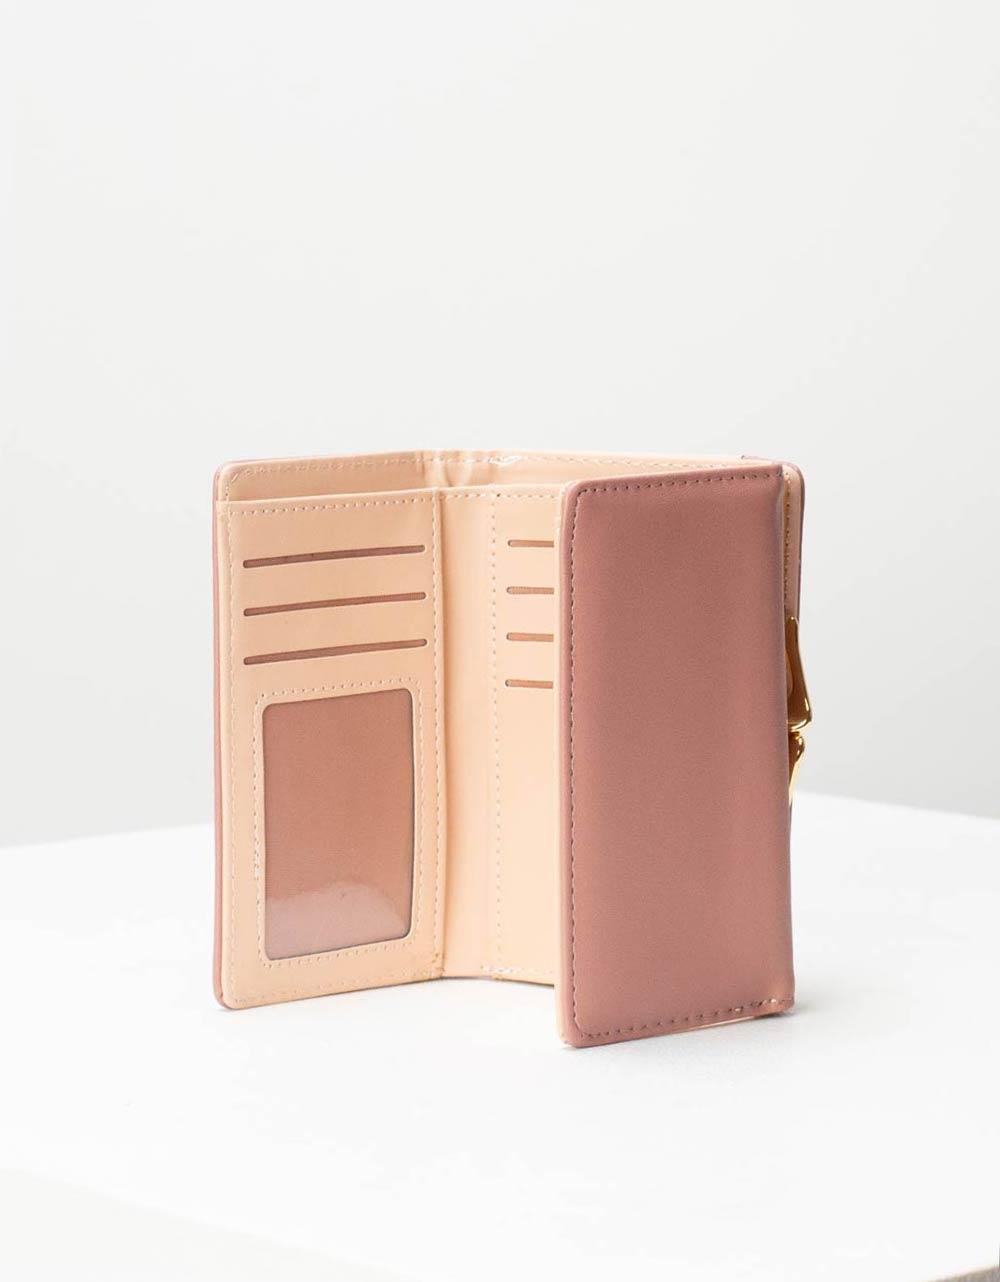 Εικόνα από Γυναικεία πορτοφόλια με μεταλλικό διακοσμητικό Ροζ